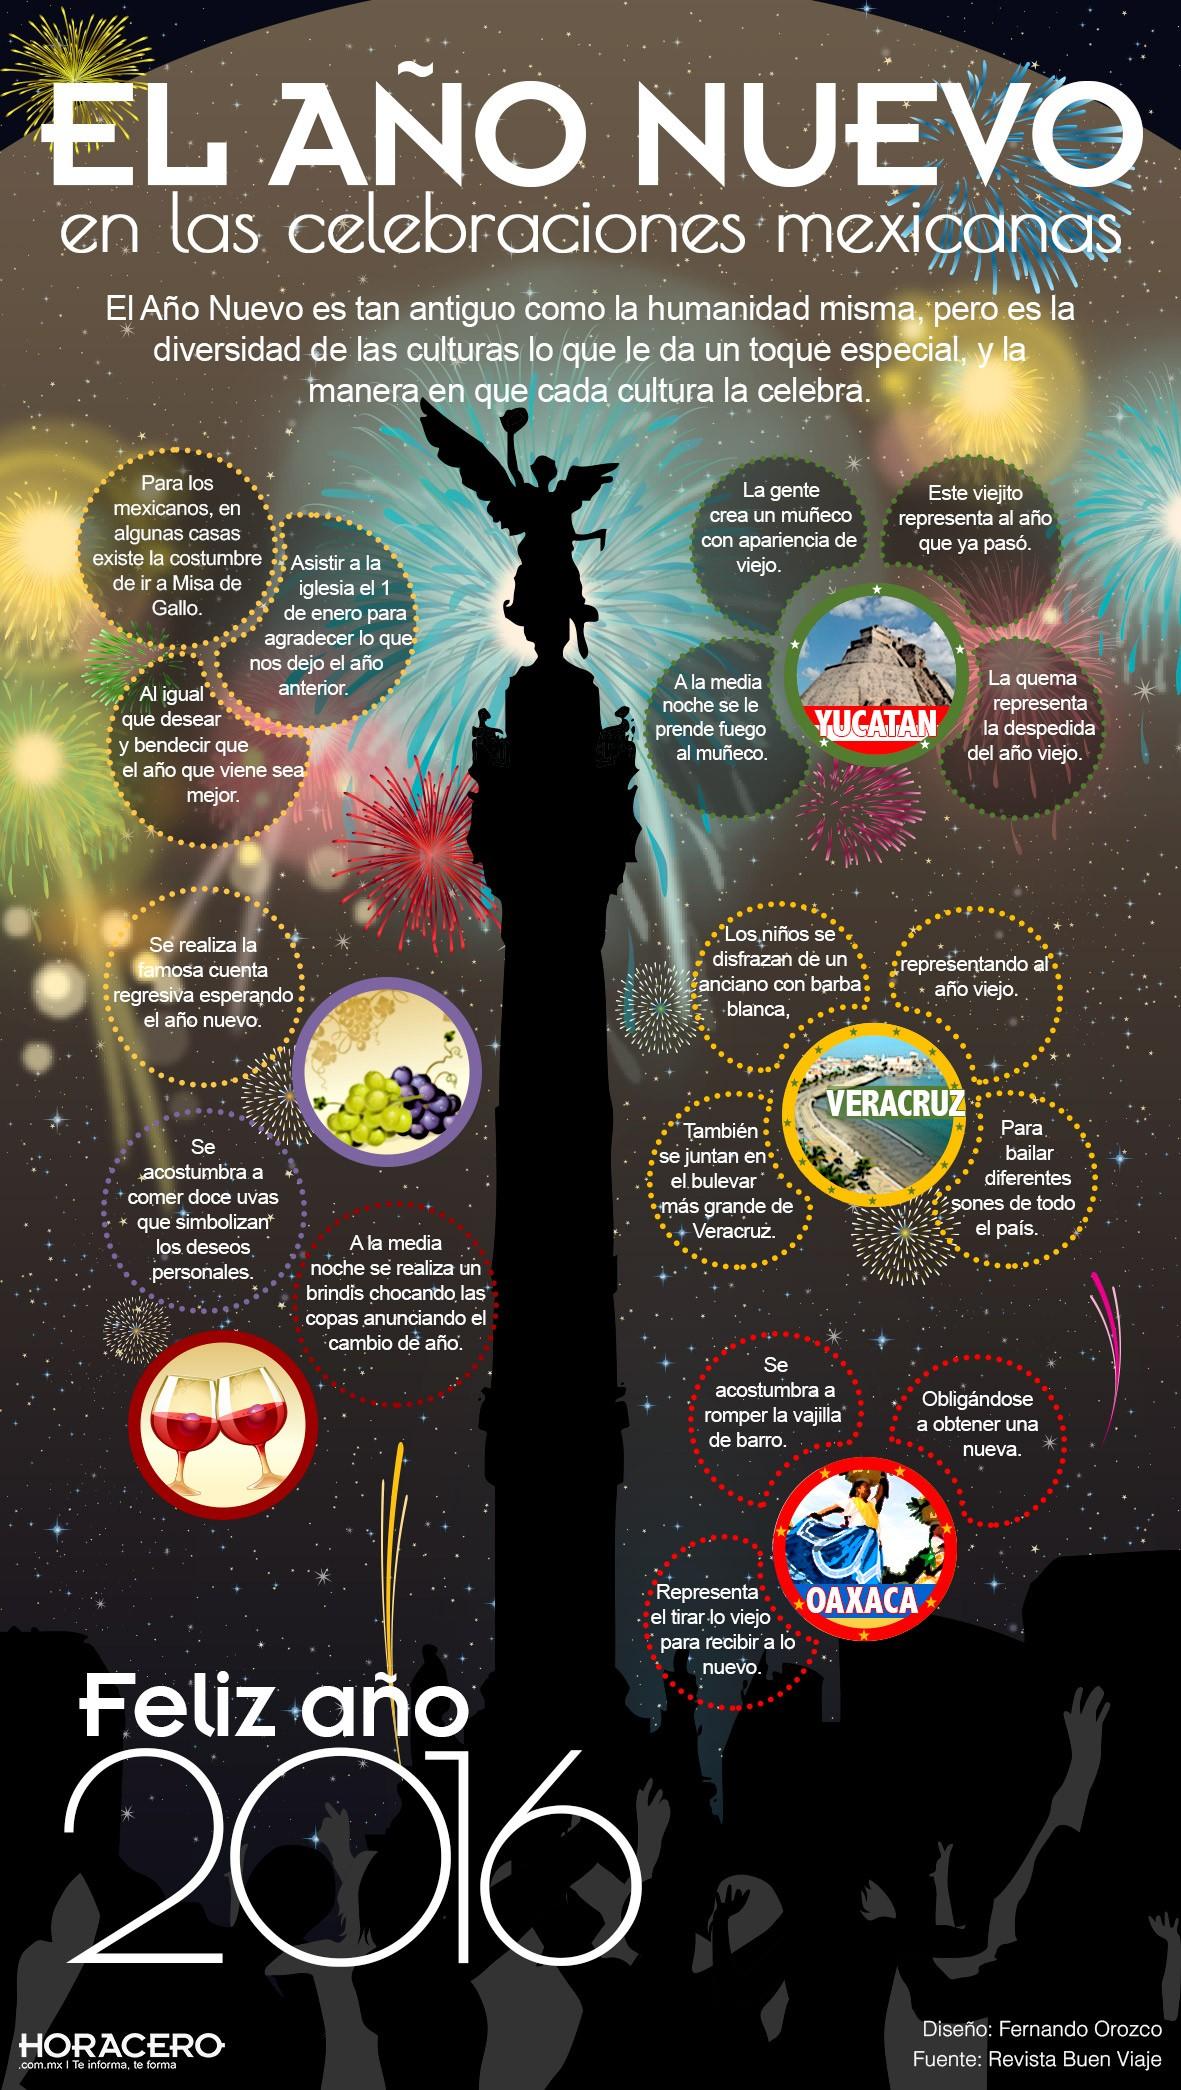 A±o nuevo en las celebraciones mexicanas hora cero web 1181x2090 Infografias de el ano nuevo